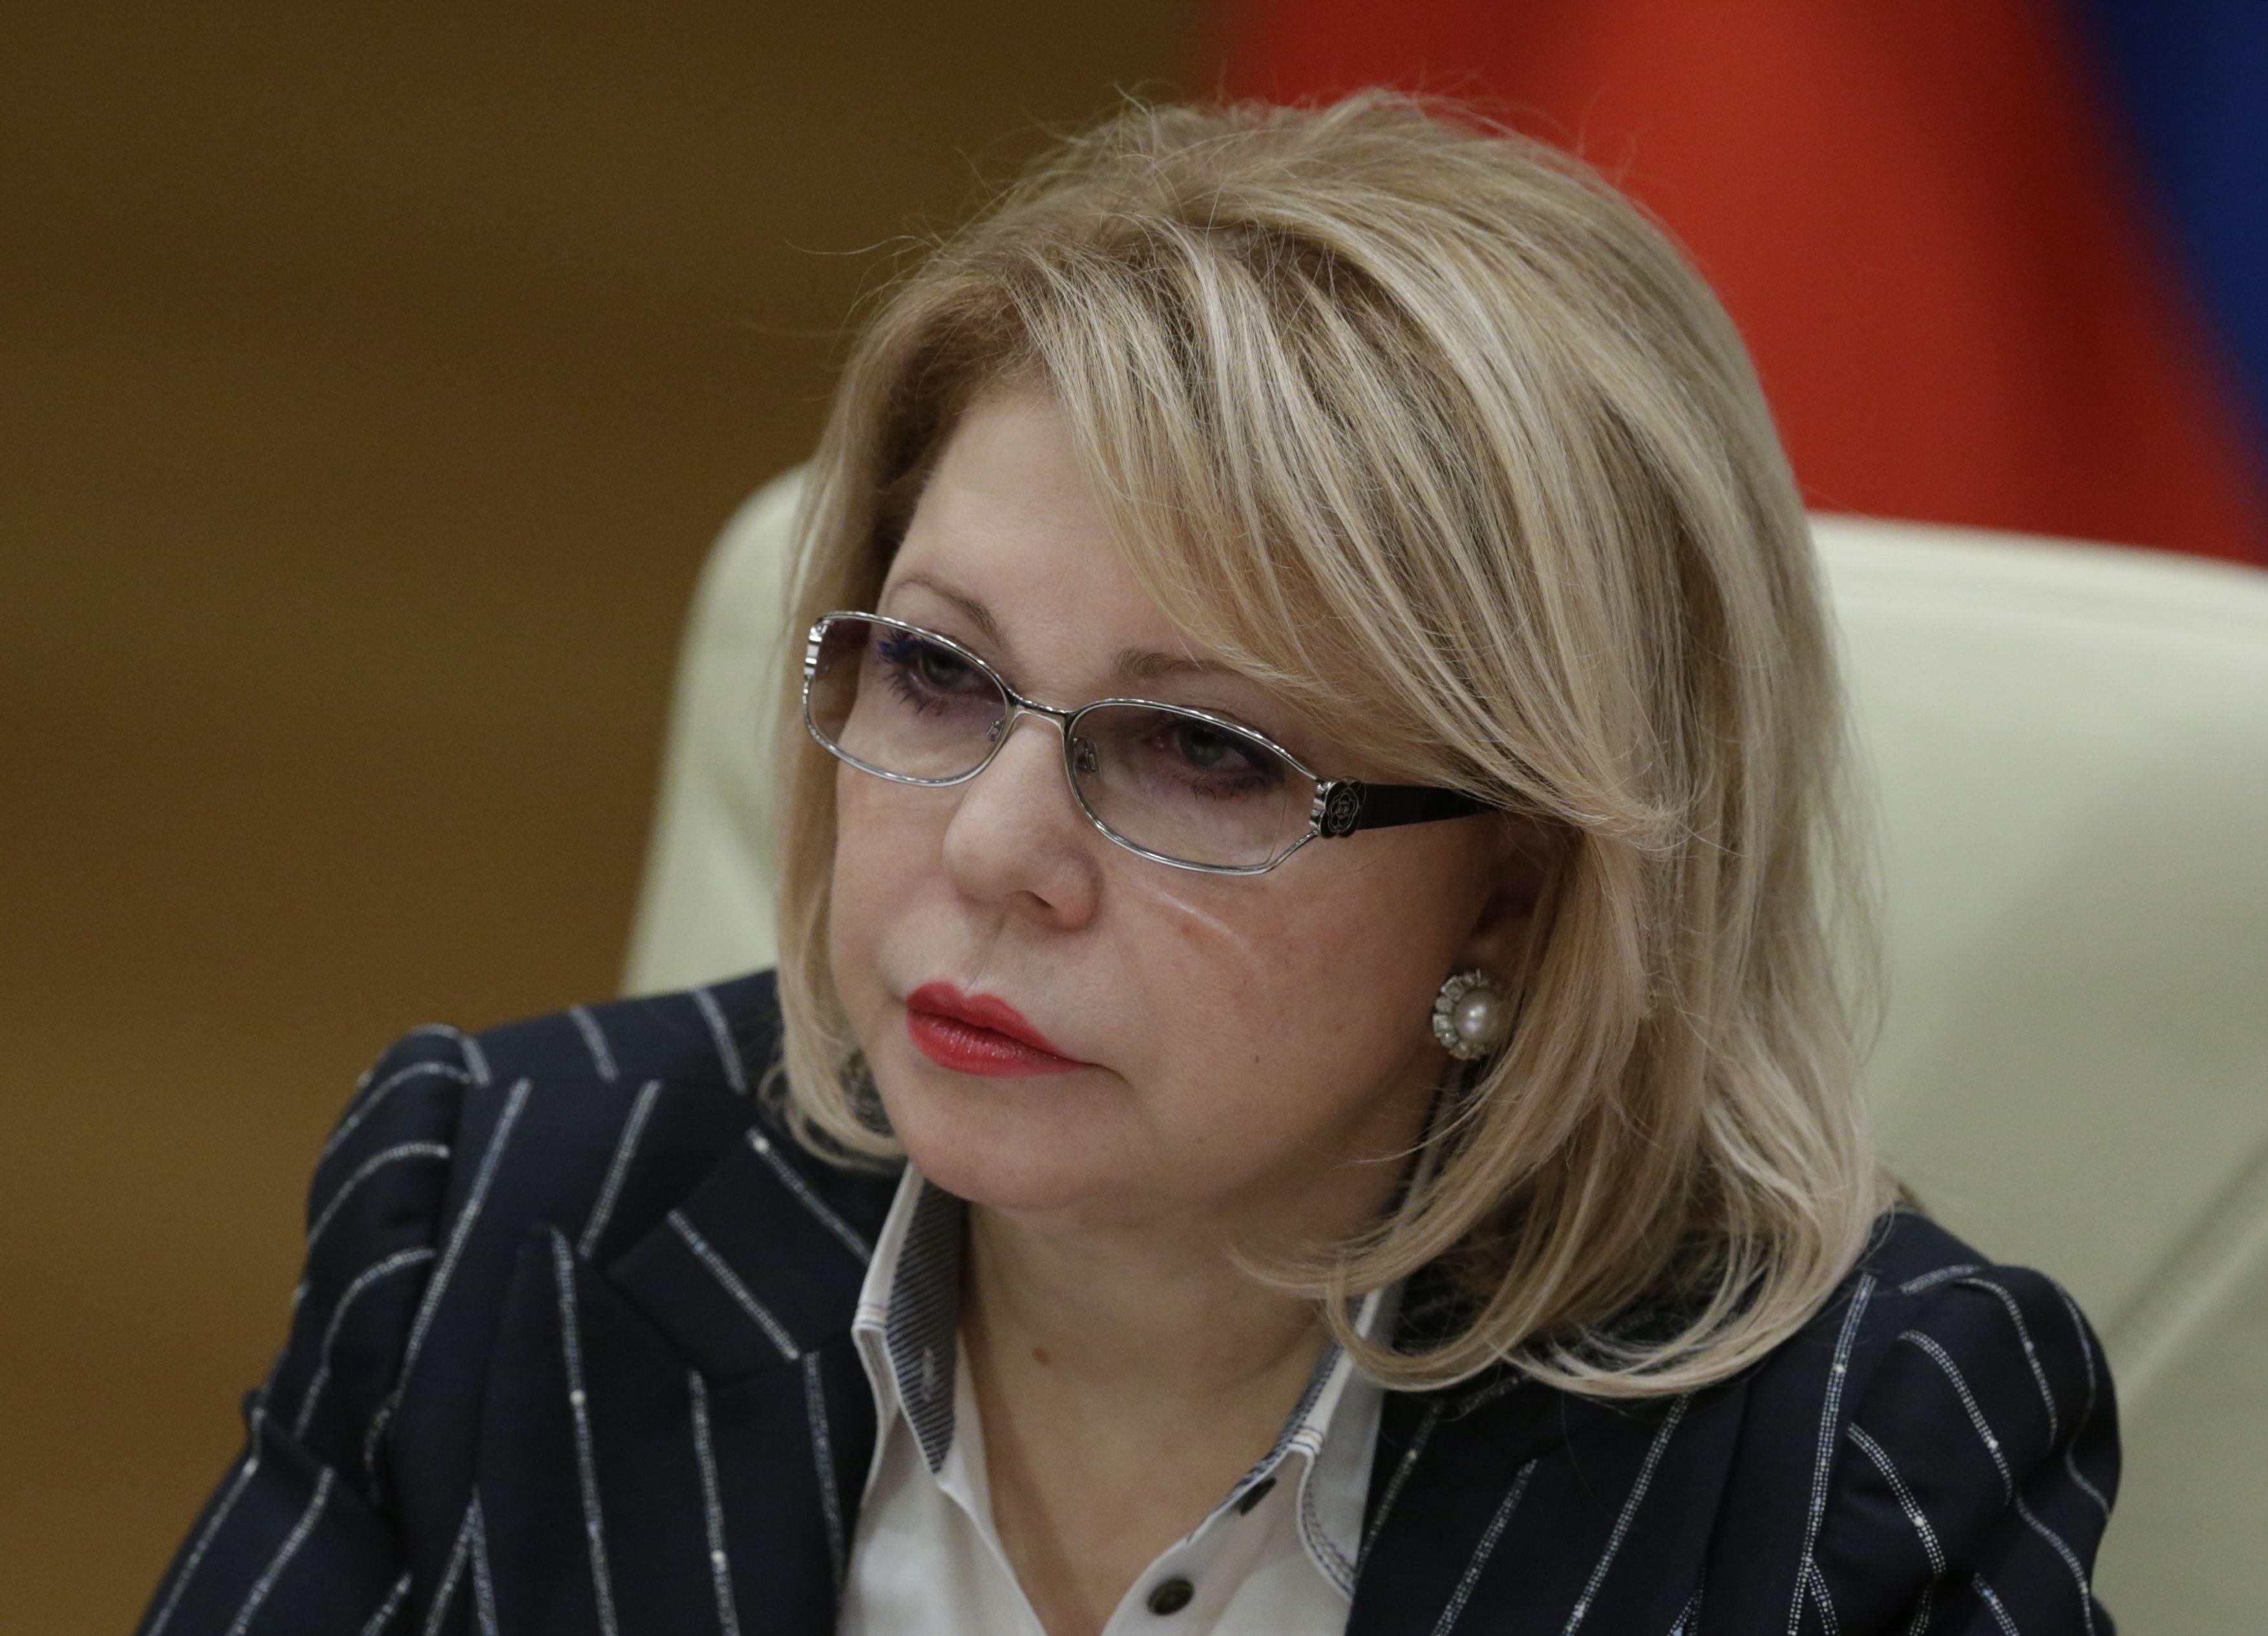 Депутат Государственной Думы Елена Панина поздравила женщин с 8 марта